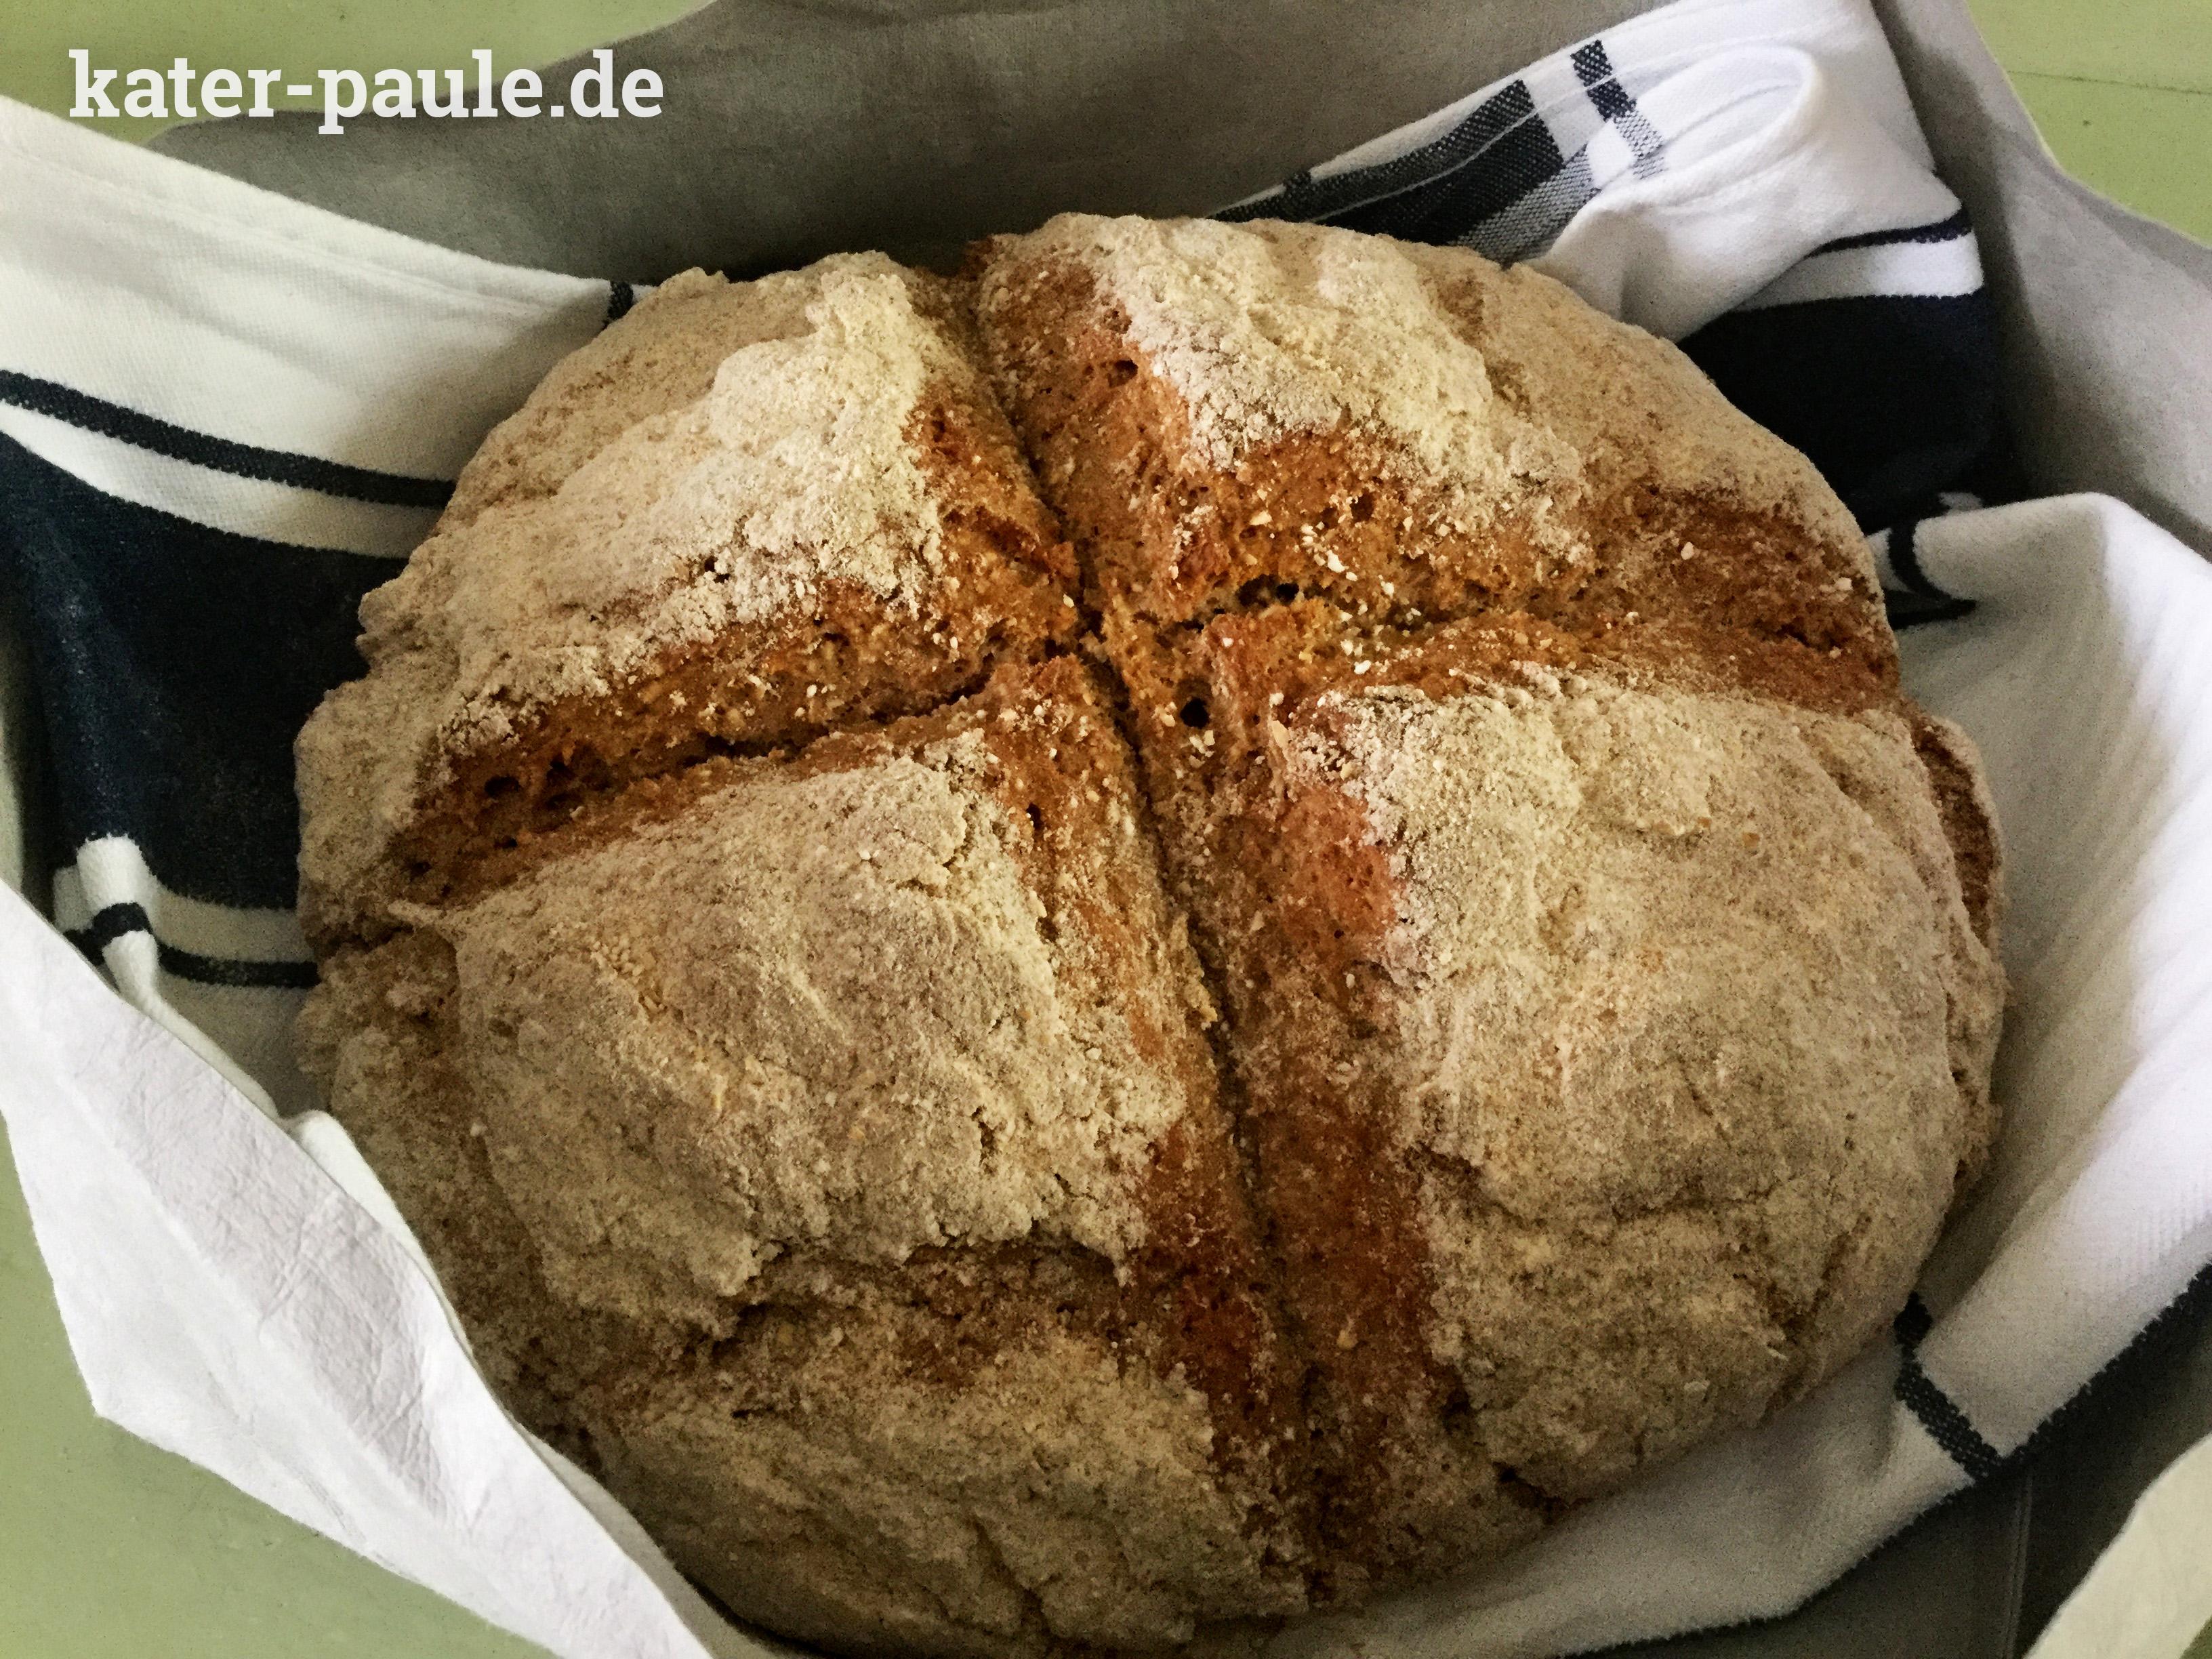 Brot und salz gott erhalt 39 s kater paule - Brot und salz gott erhalts ...